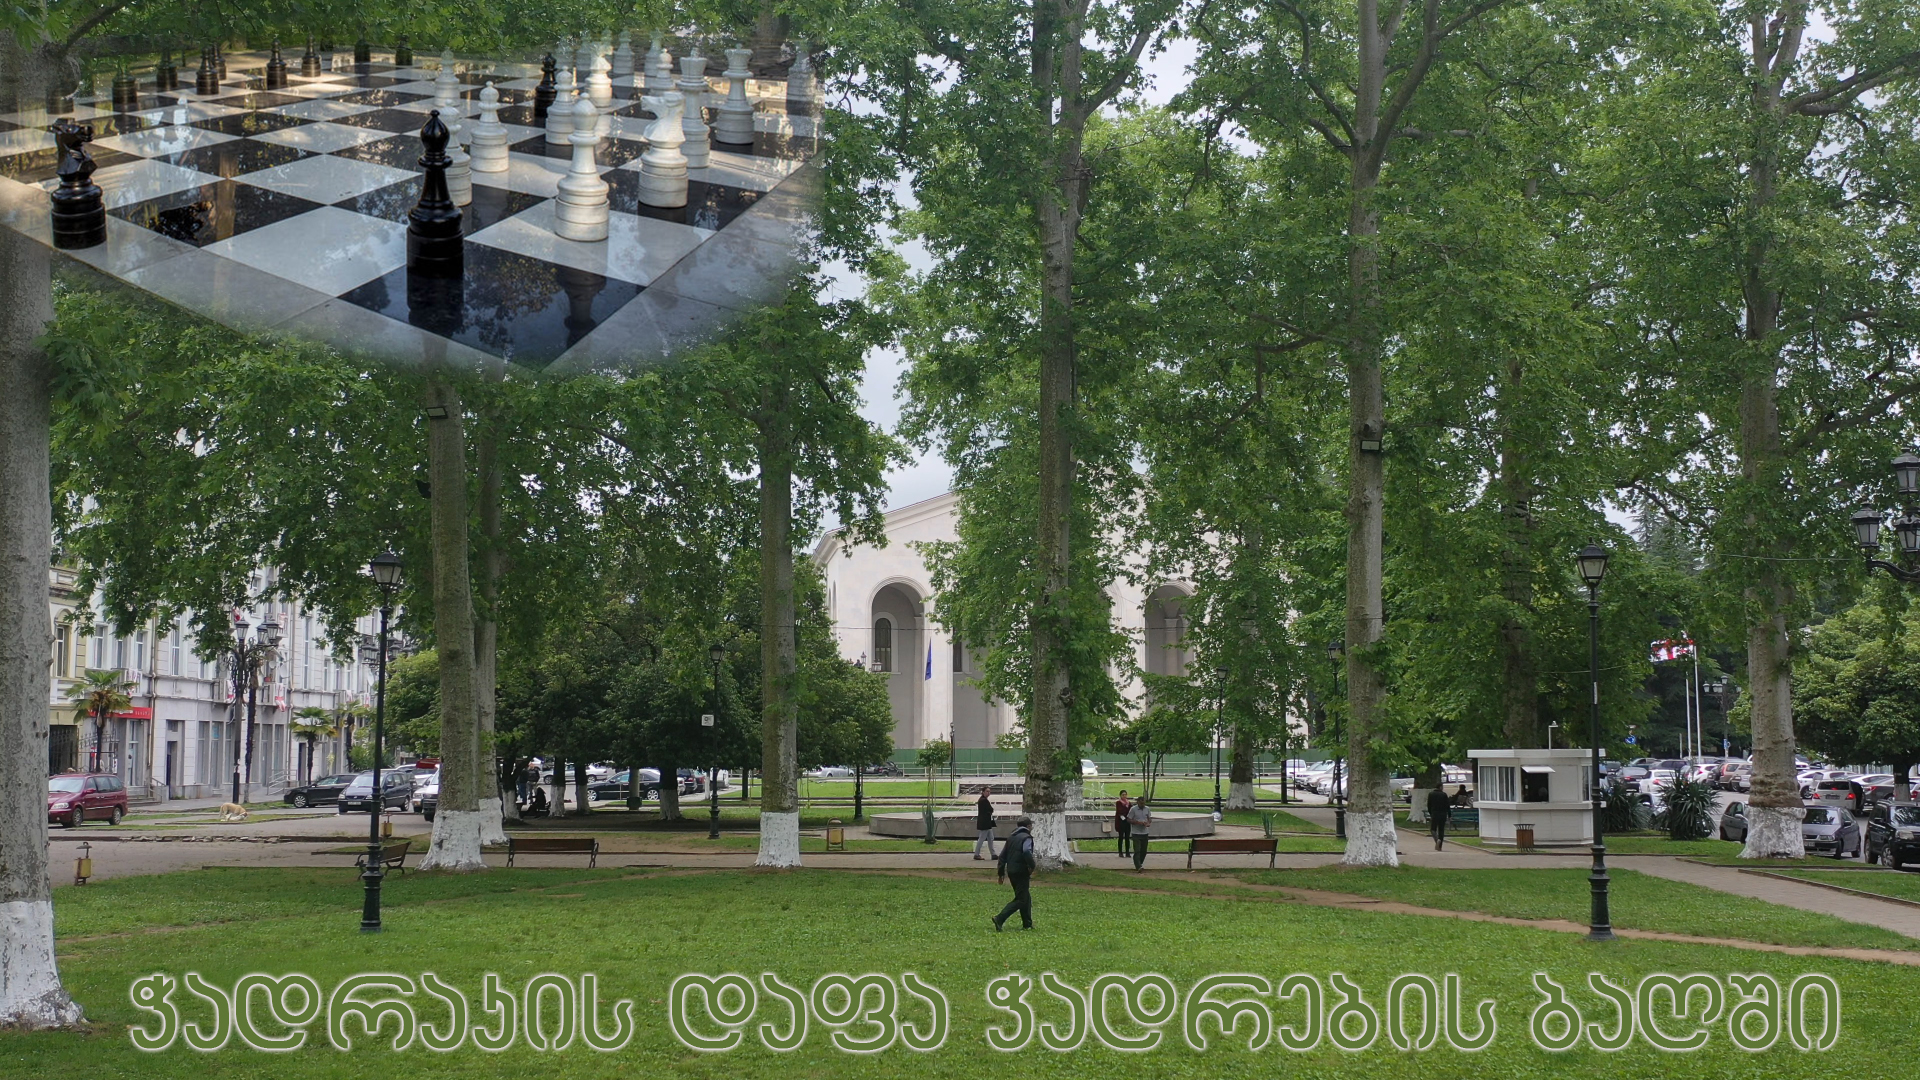 ქალაქ ოზურგეთში, ჭადრაკი საკმაოდ პოპულარული ინტელექტუალური სპორტის სახეობაა. მოქმედებს საჭადრაკო წრეები, რომლის აღსაზრდელებს მნიშვნელოვანი...